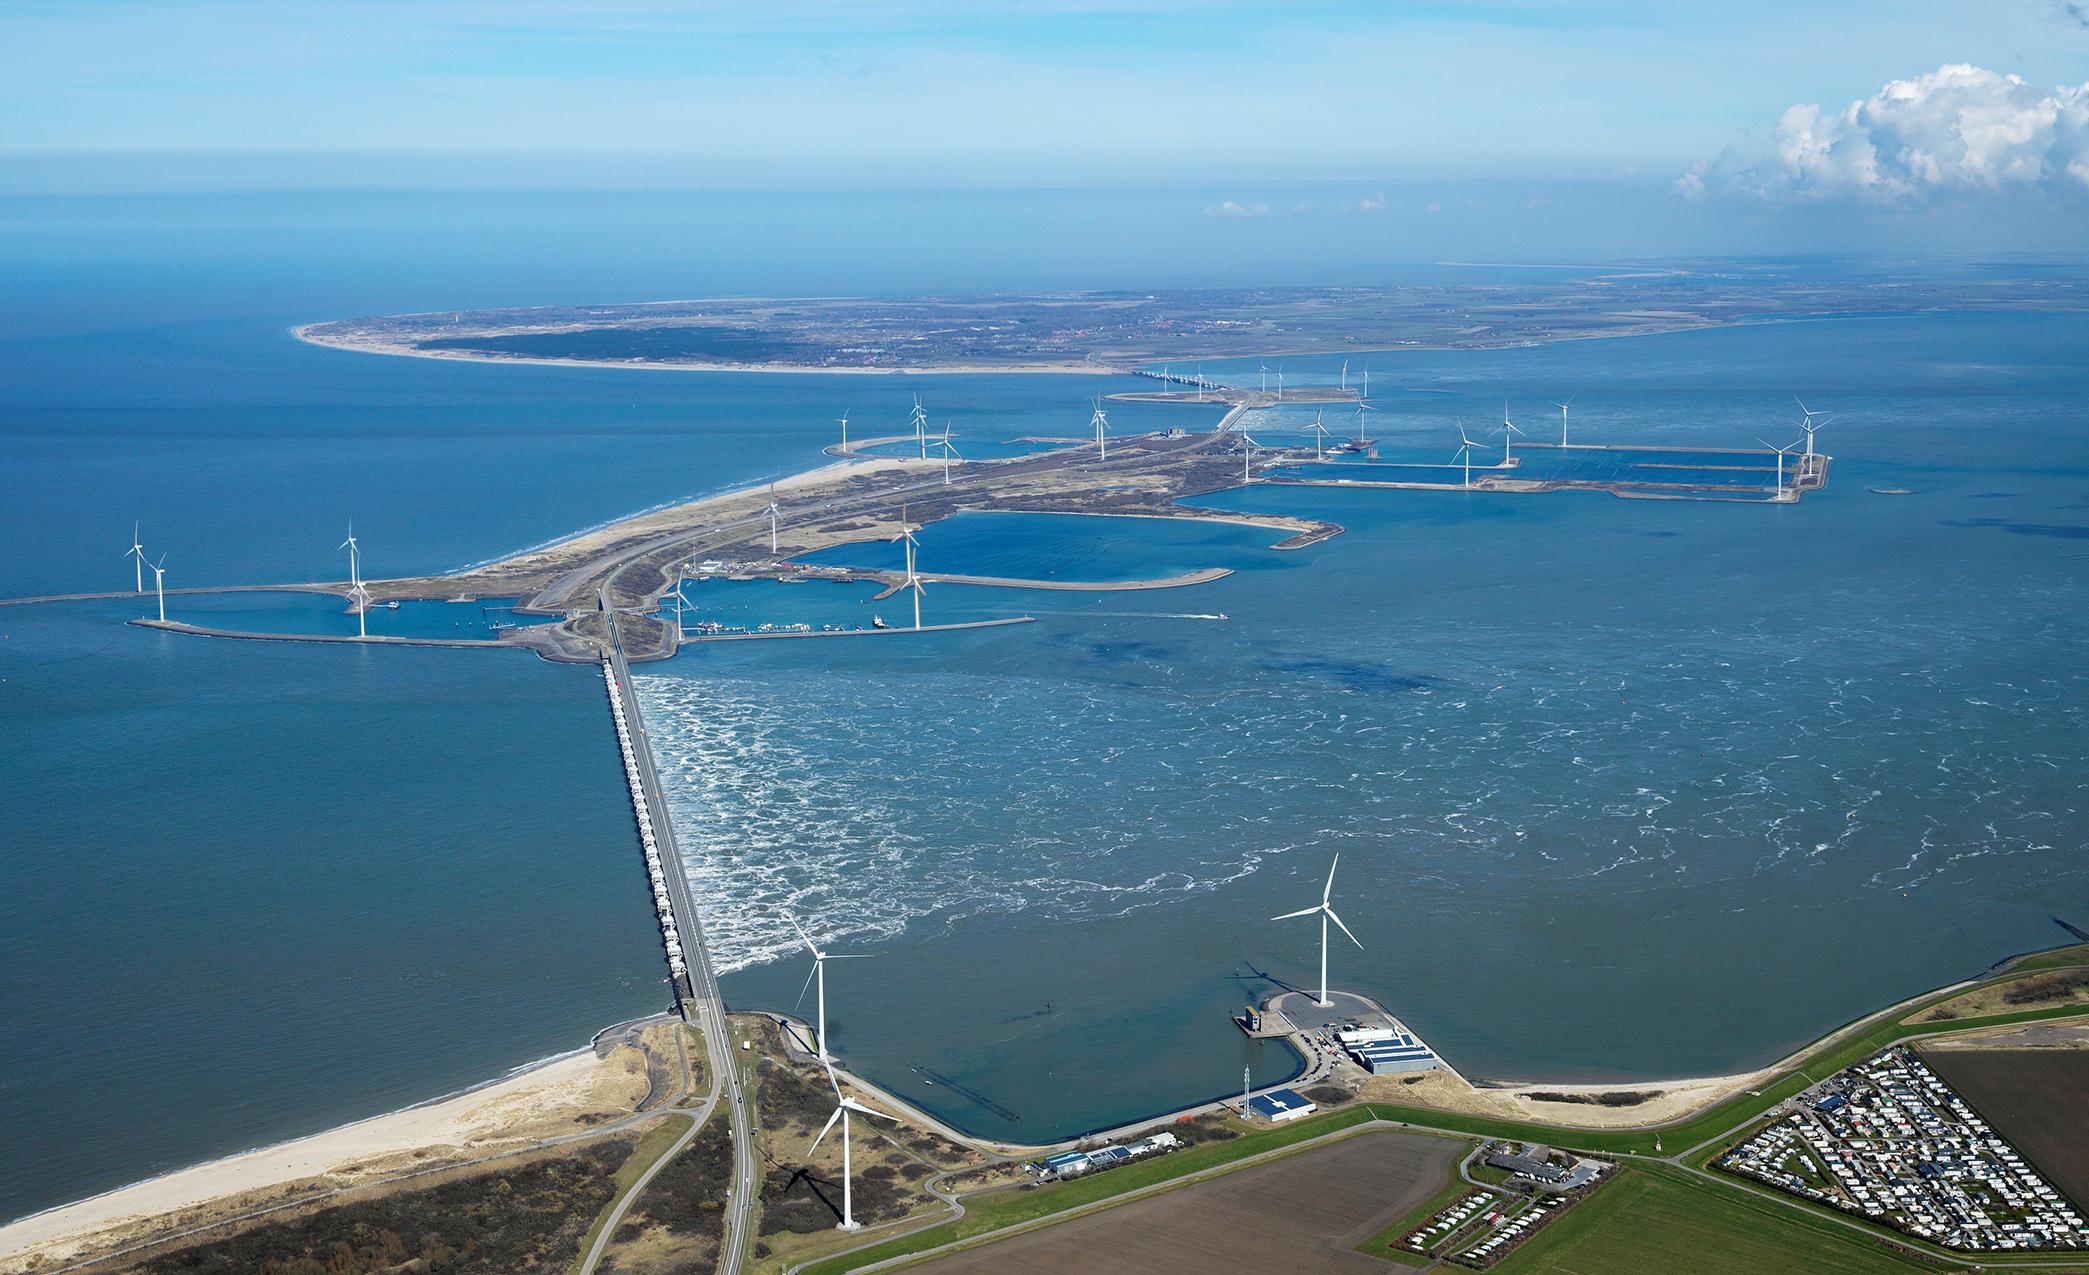 Vestas levert 11 turbines voor Optimalisatie Windparken Oosterscheldekering